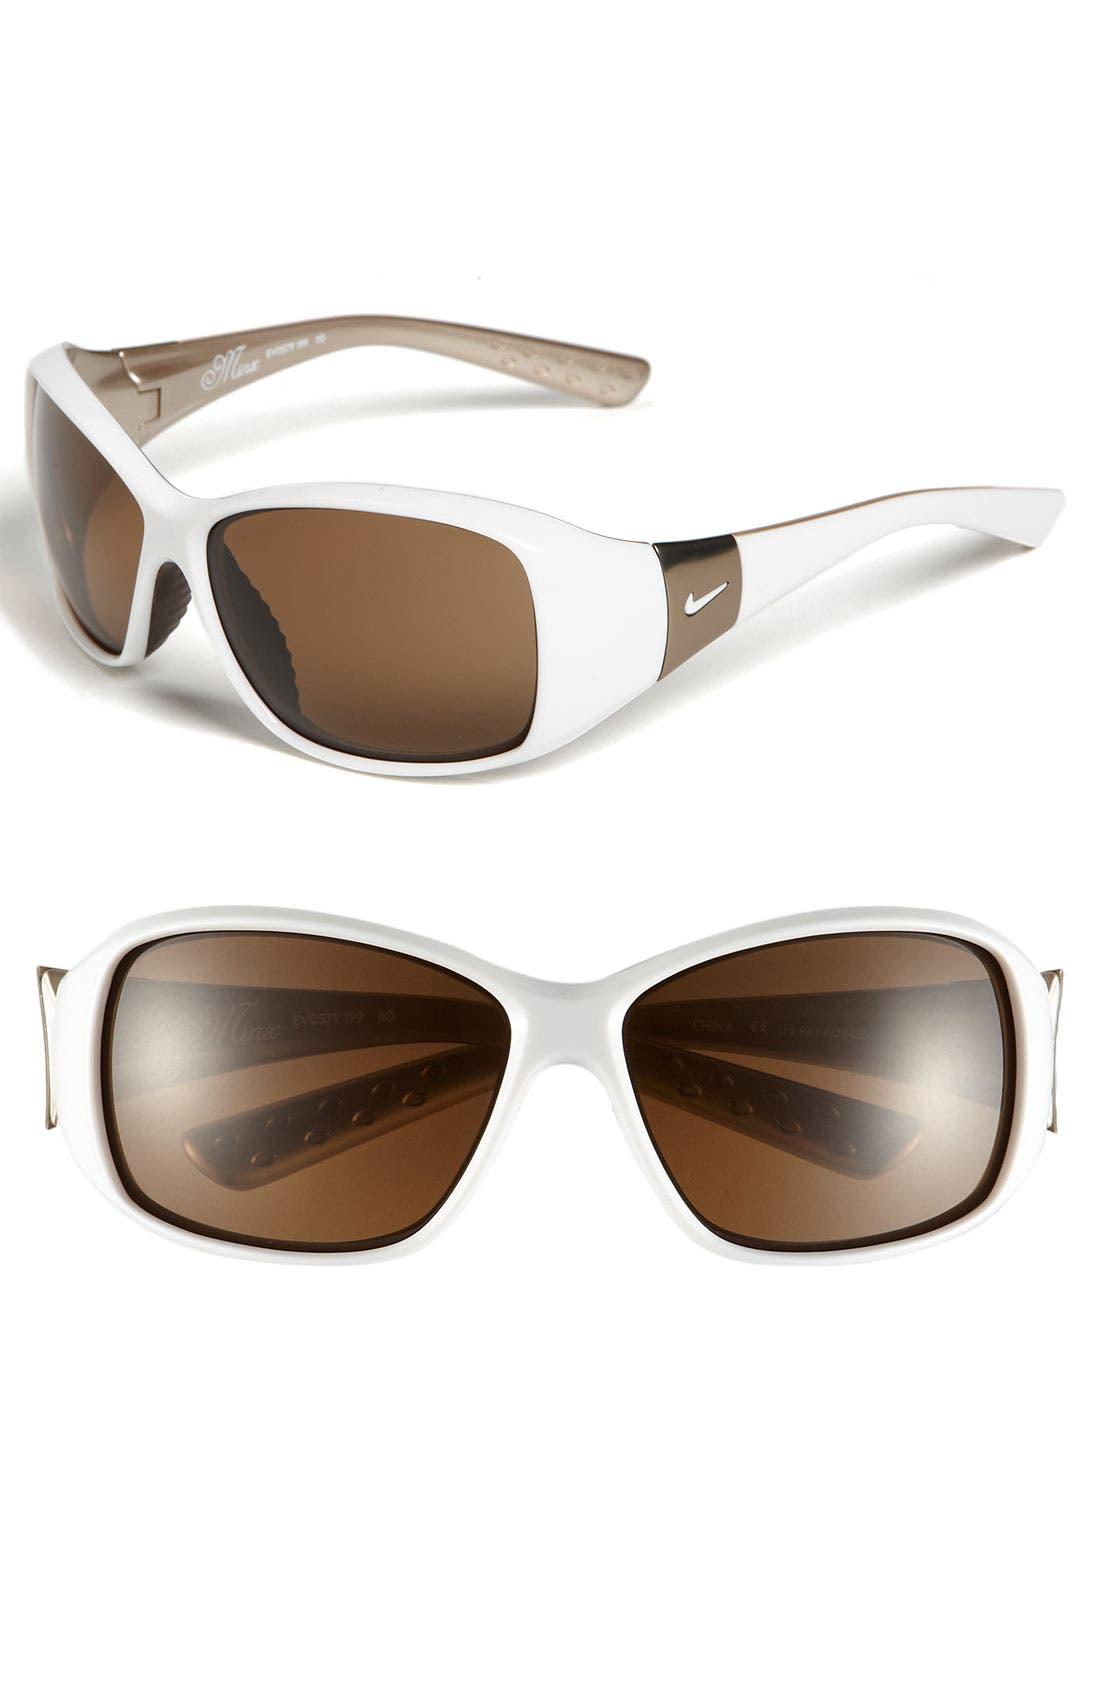 Alternate Image 1 Selected - Nike 'Minx' 59mm Sunglasses